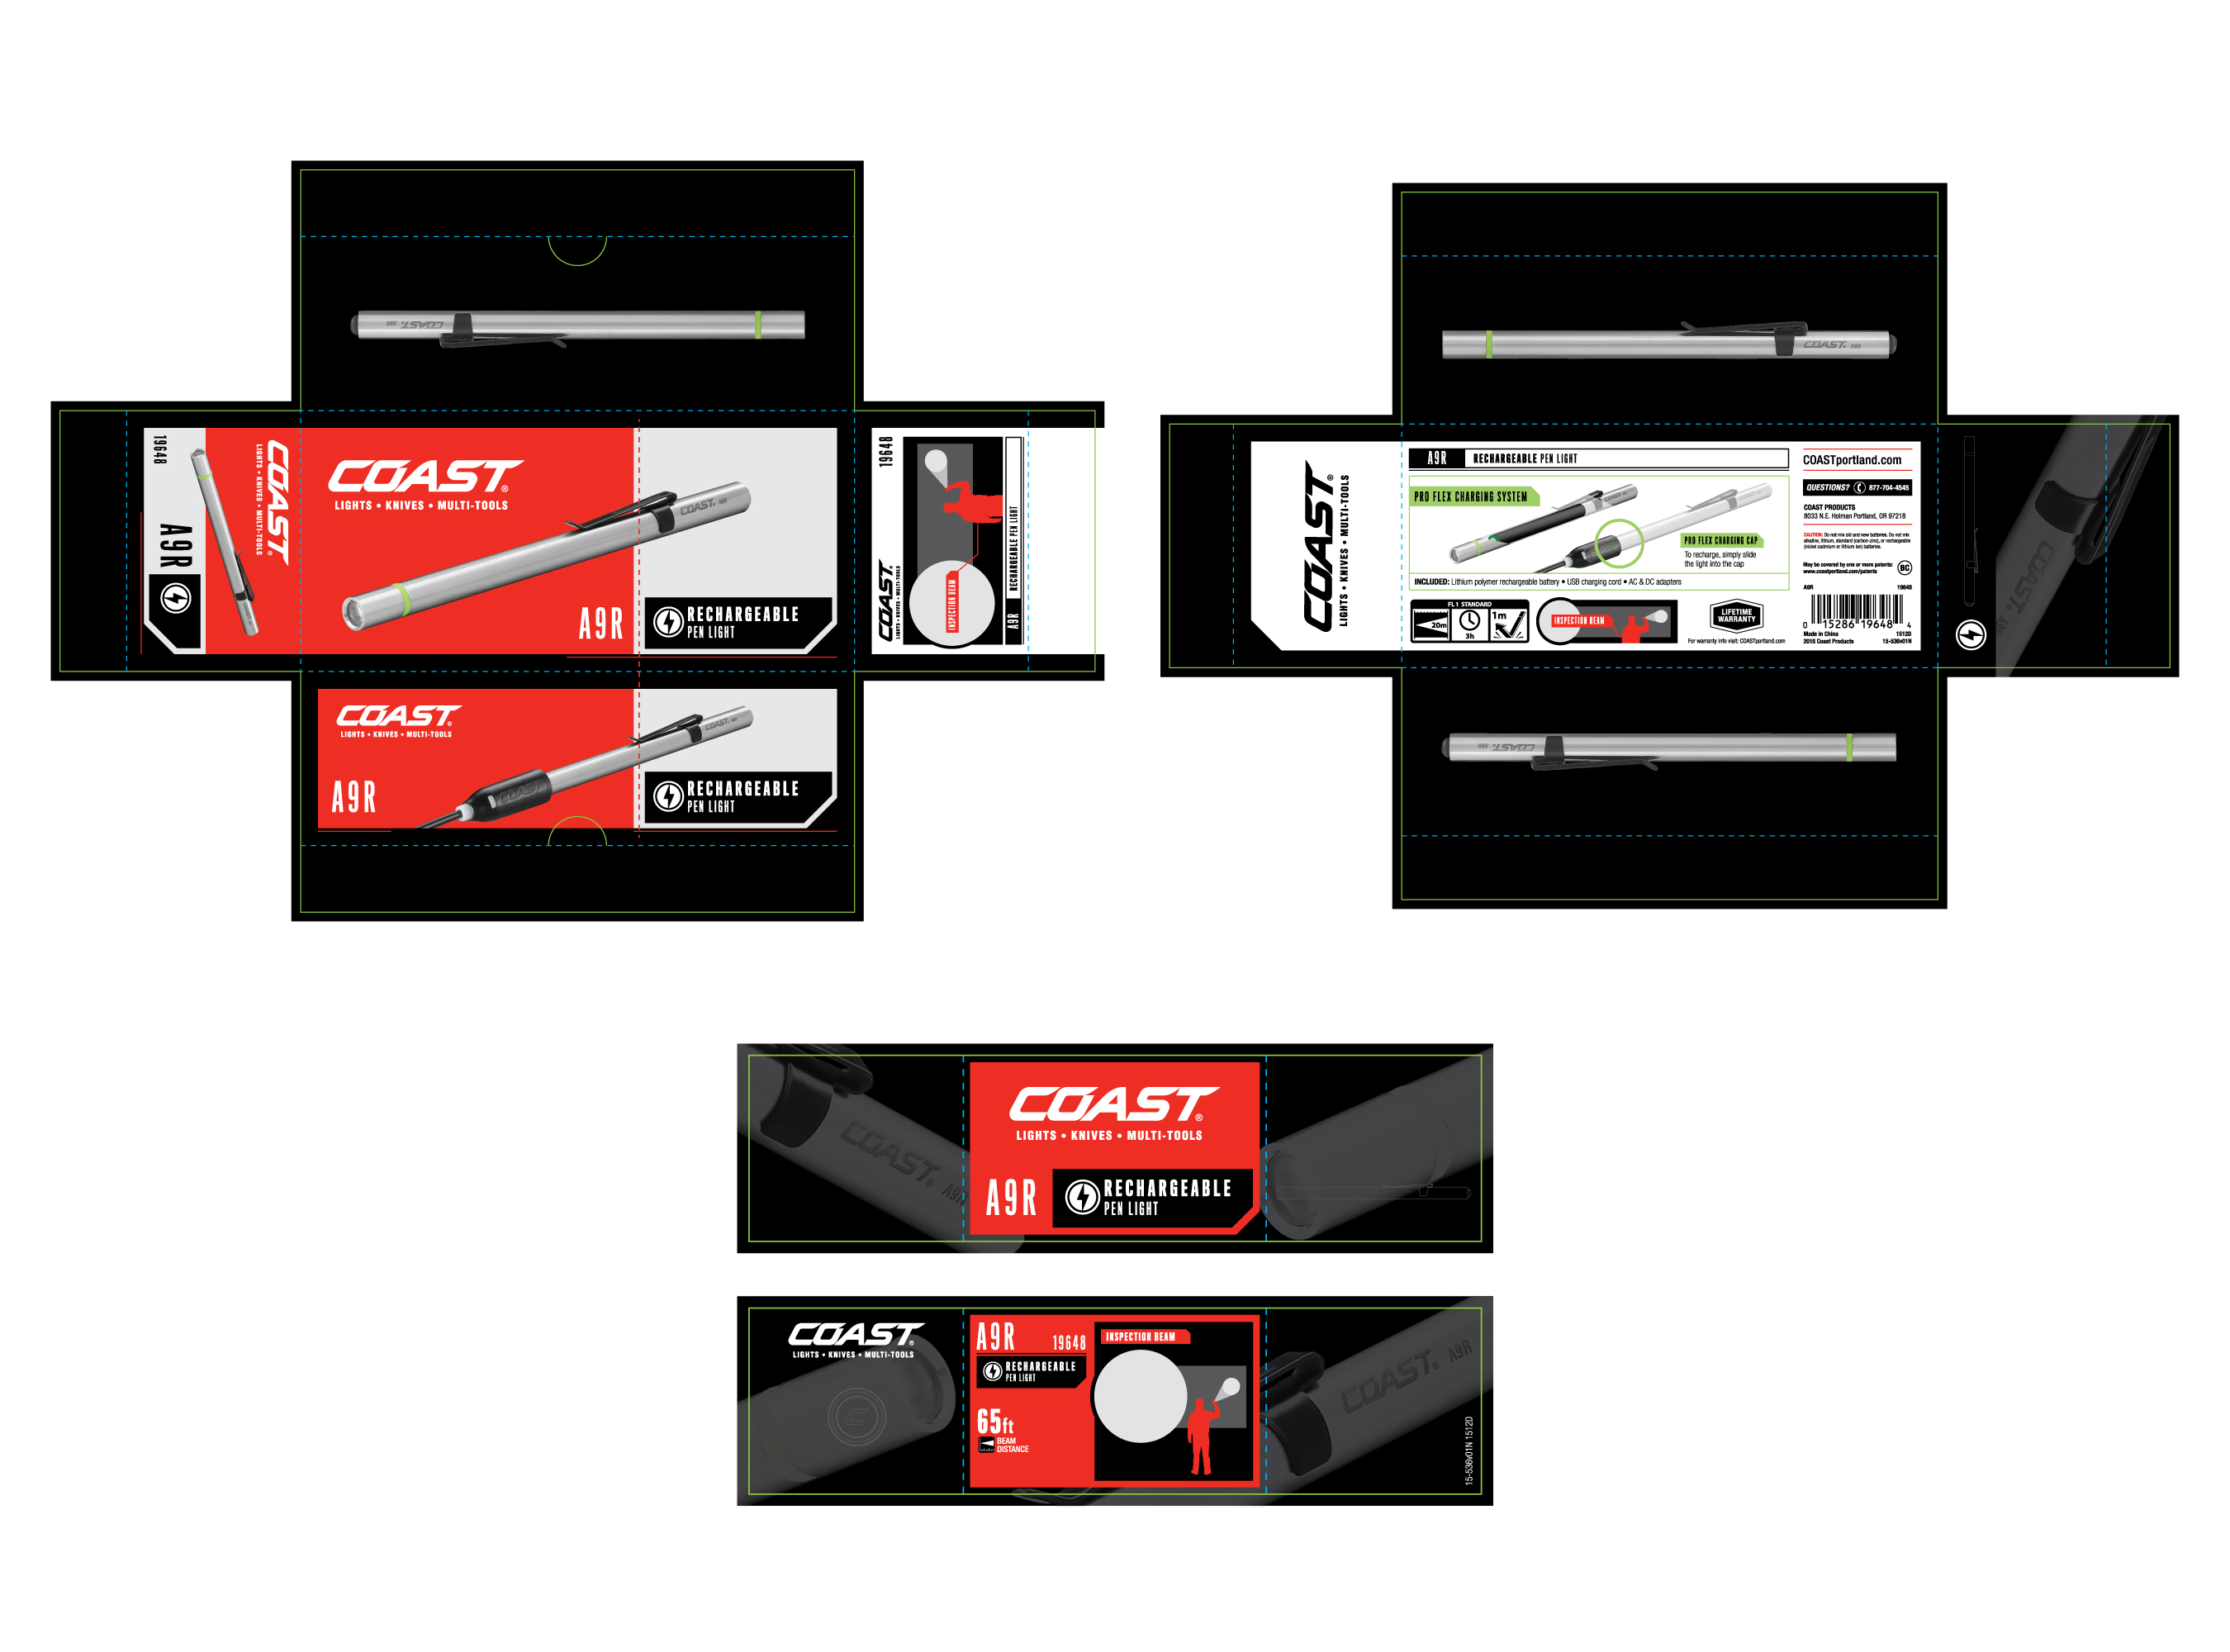 COAST A9R Gift Box